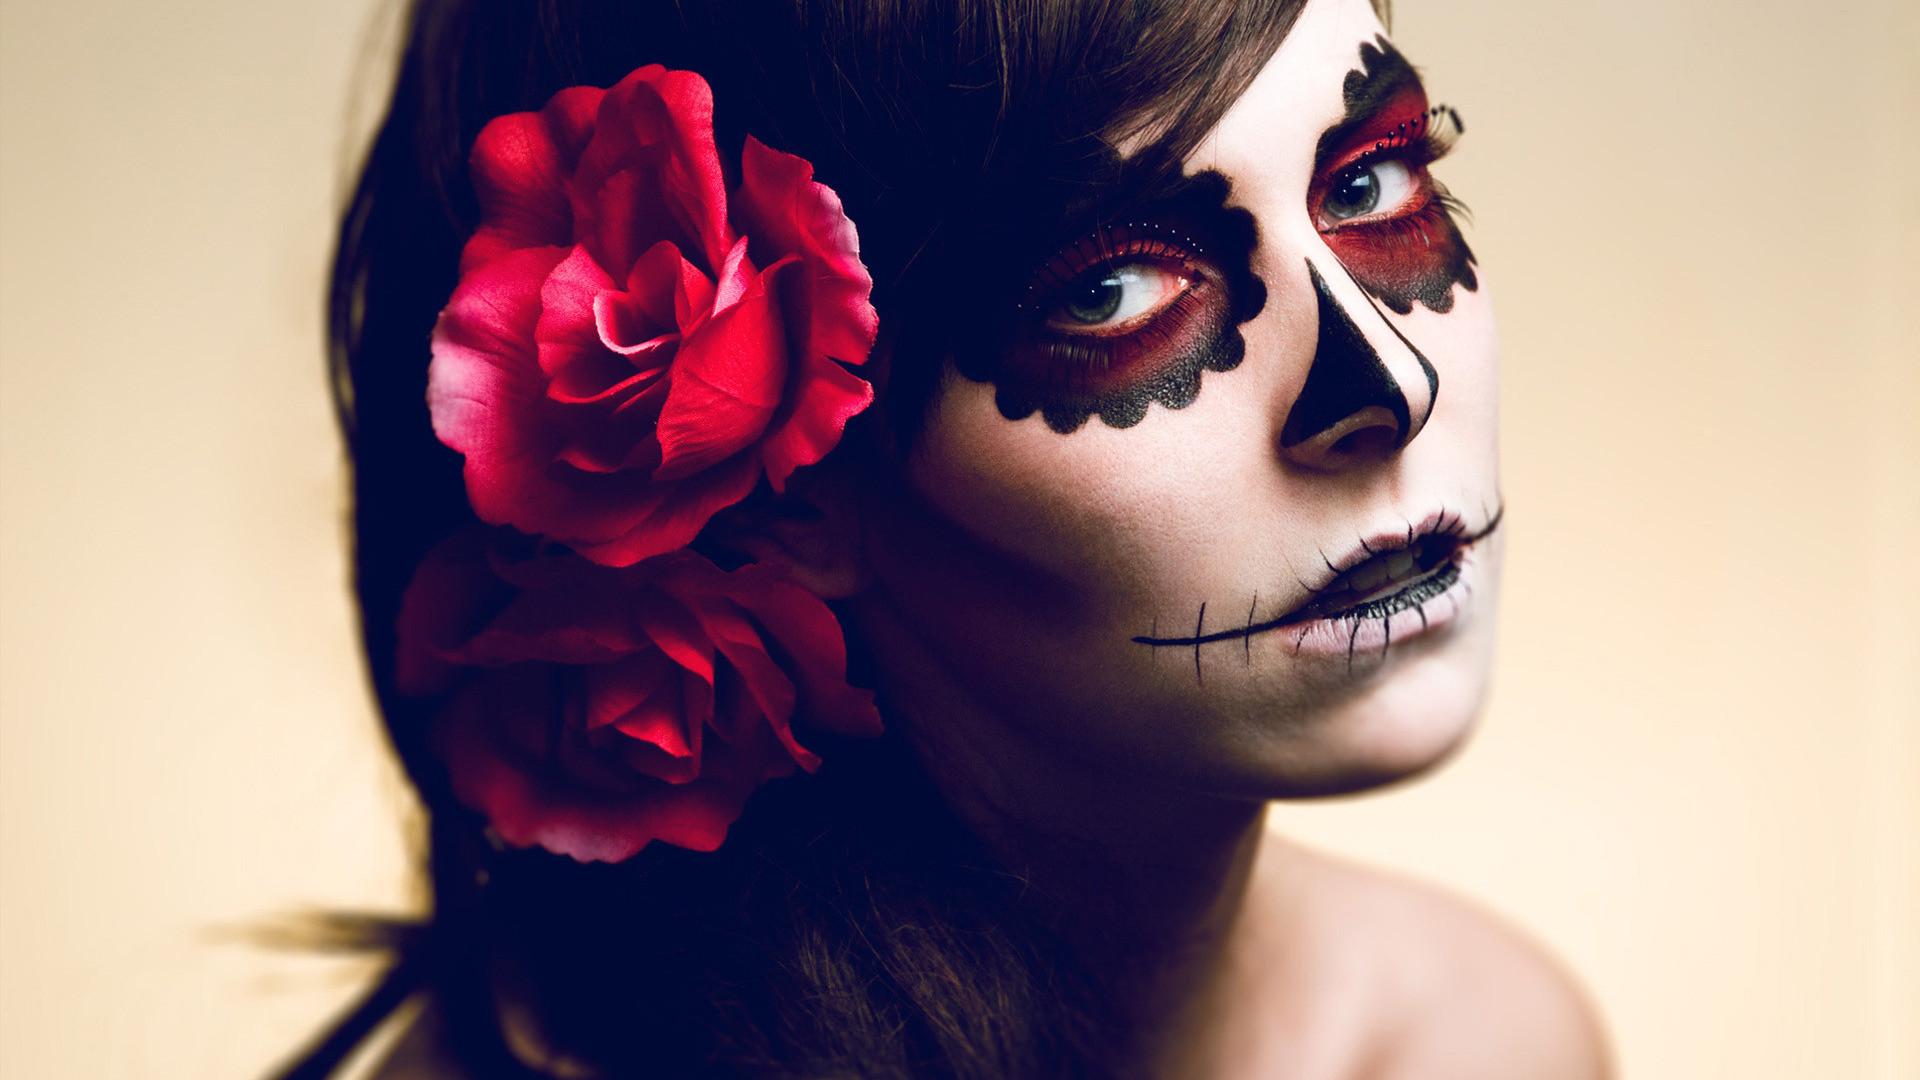 девушка лицо роза онлайн